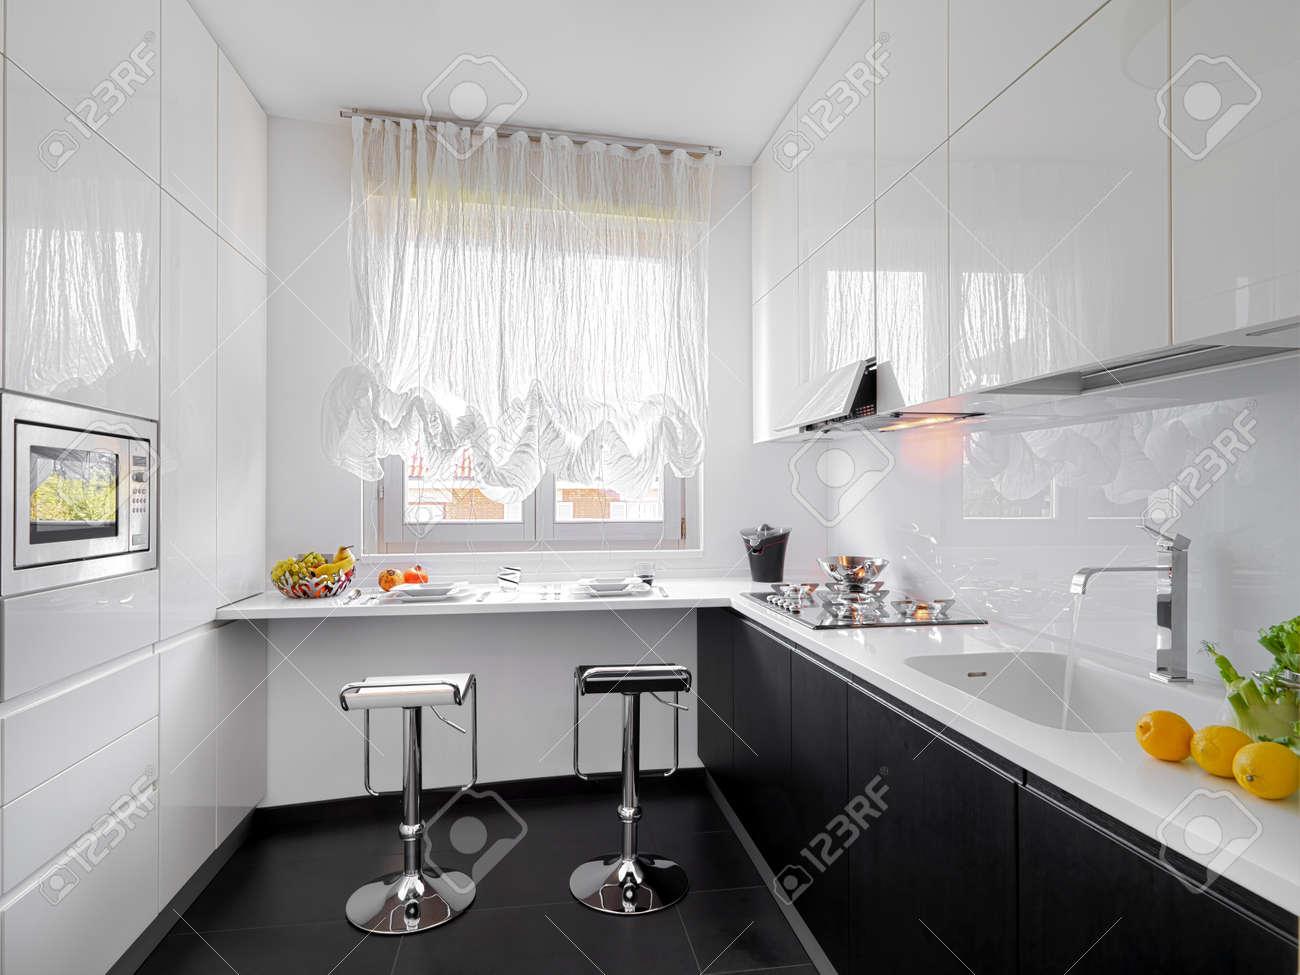 Famoso Cucine Moderne Ad Angolo Con Finestra. Distanza Piano Cottura E  NS51